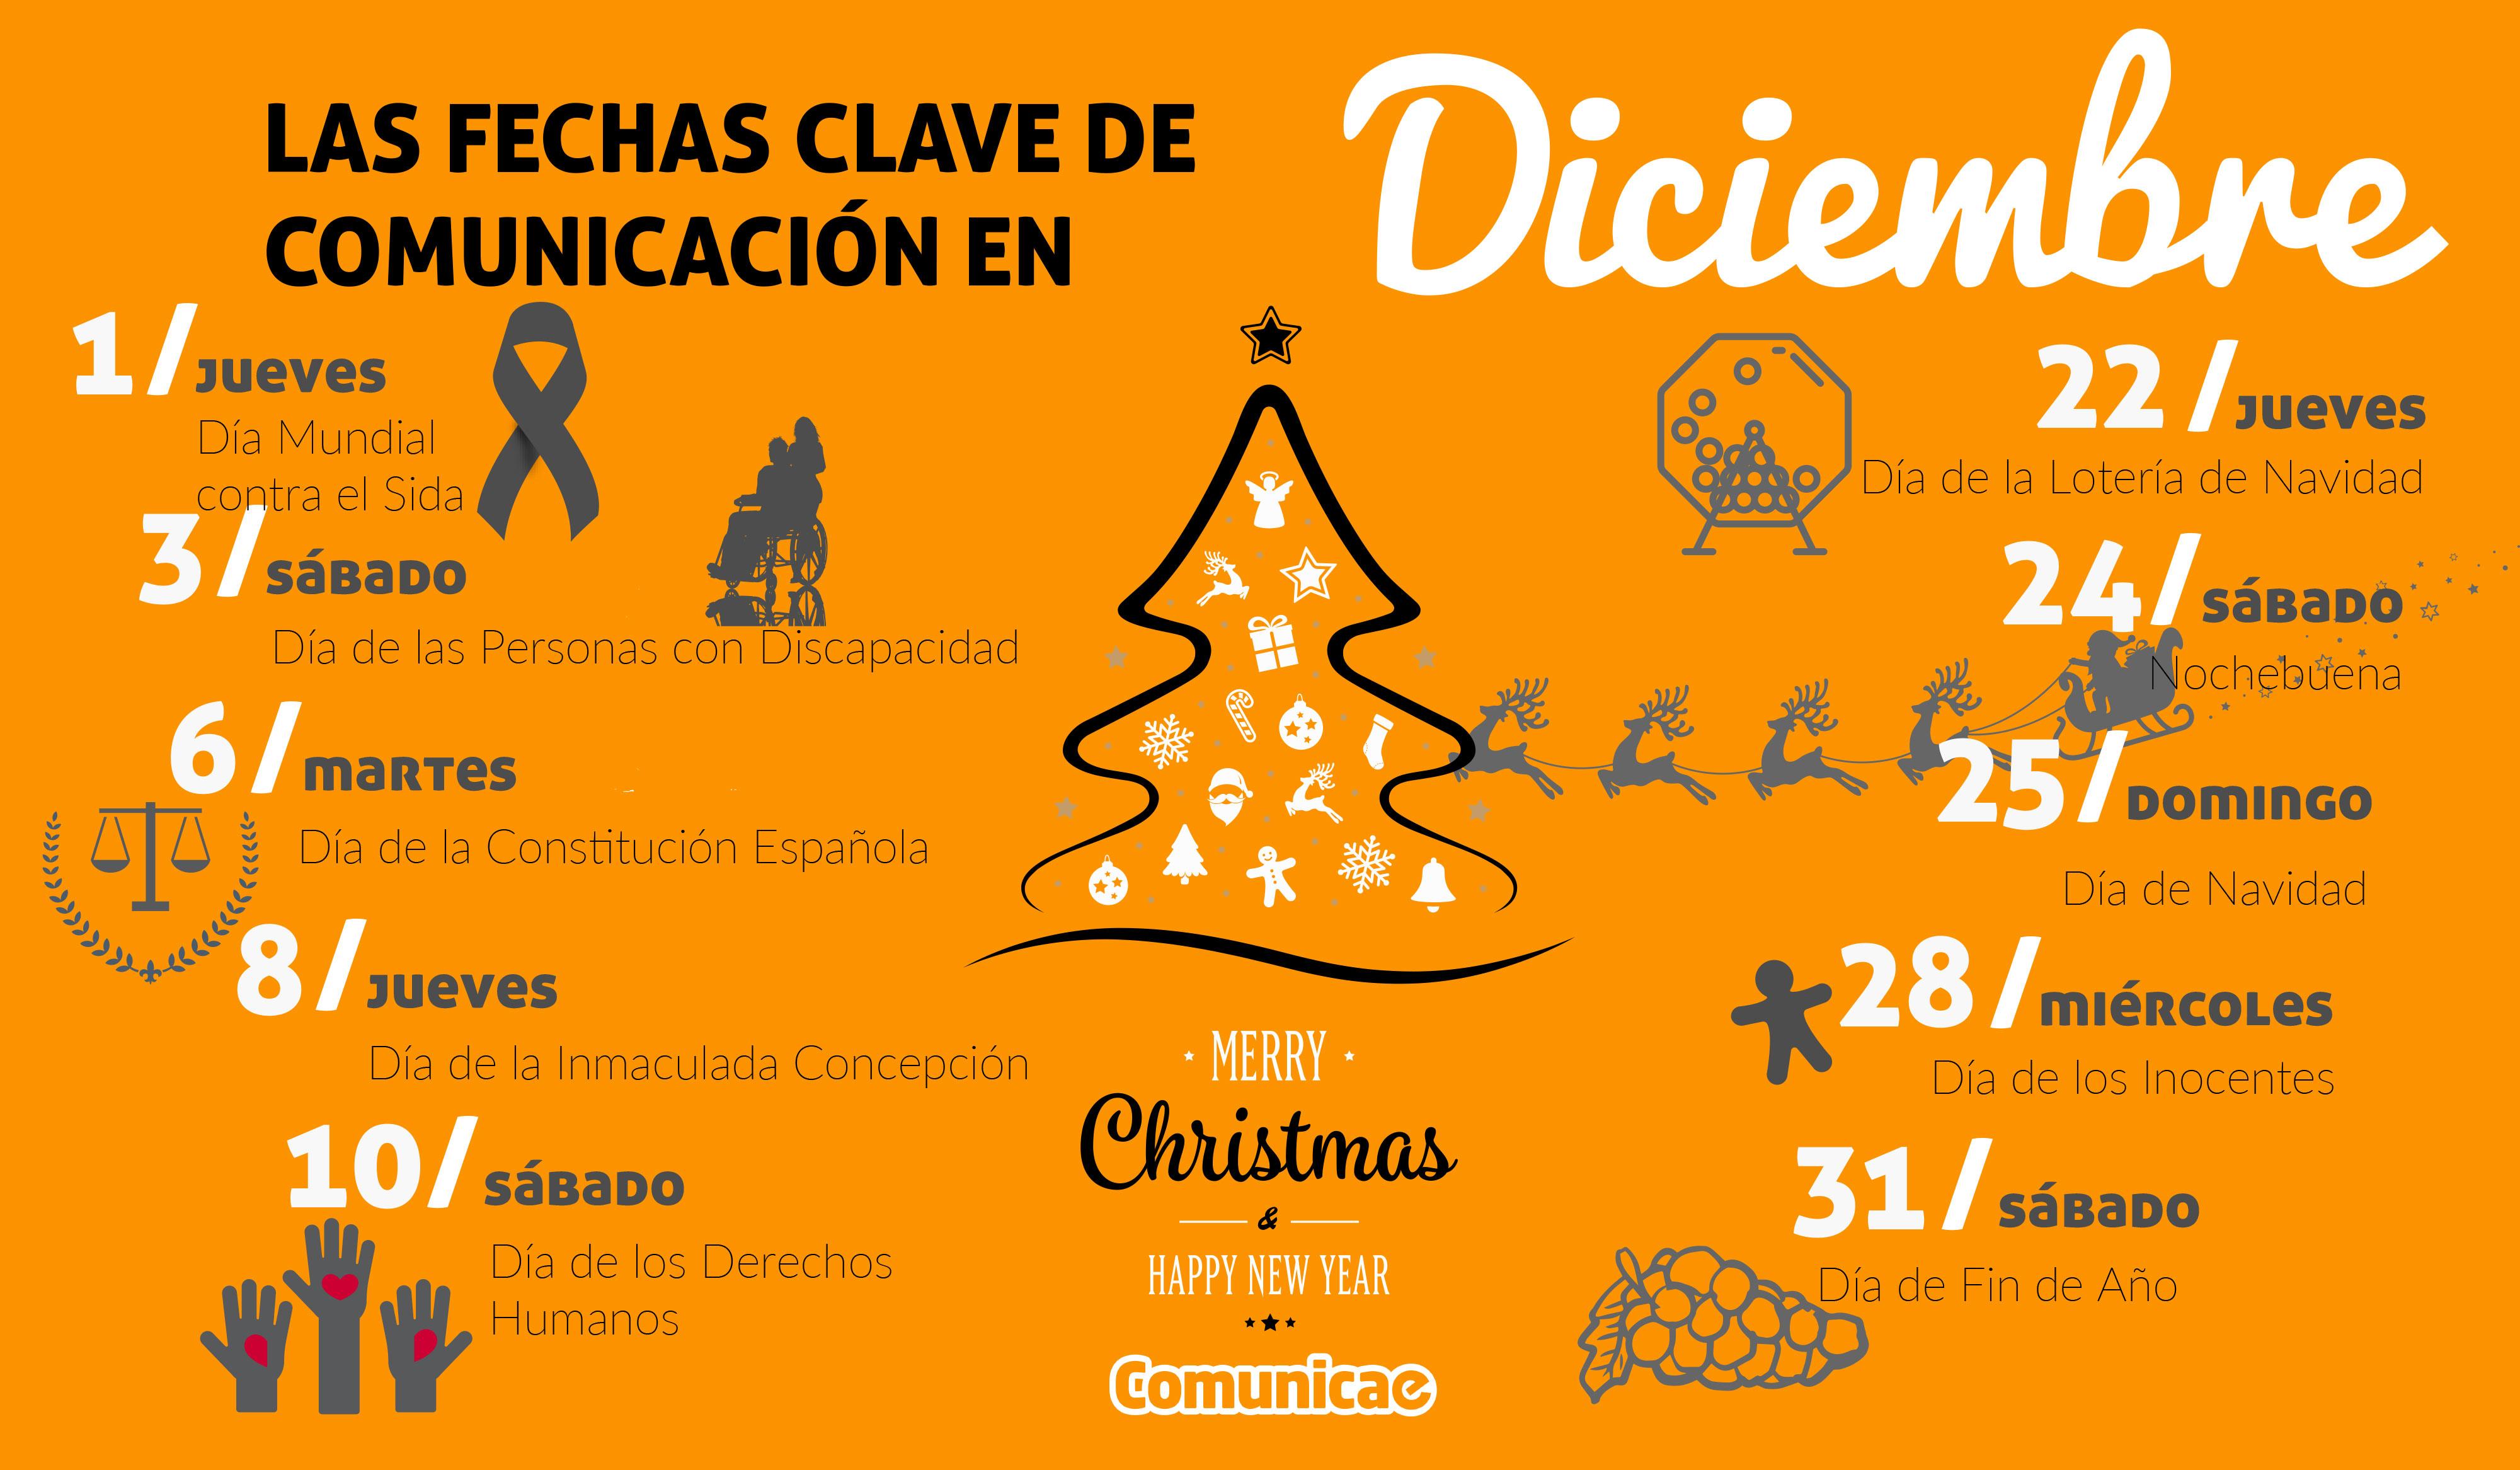 COMUNICAE_INFOG_FECHAS_DICIEMBRE